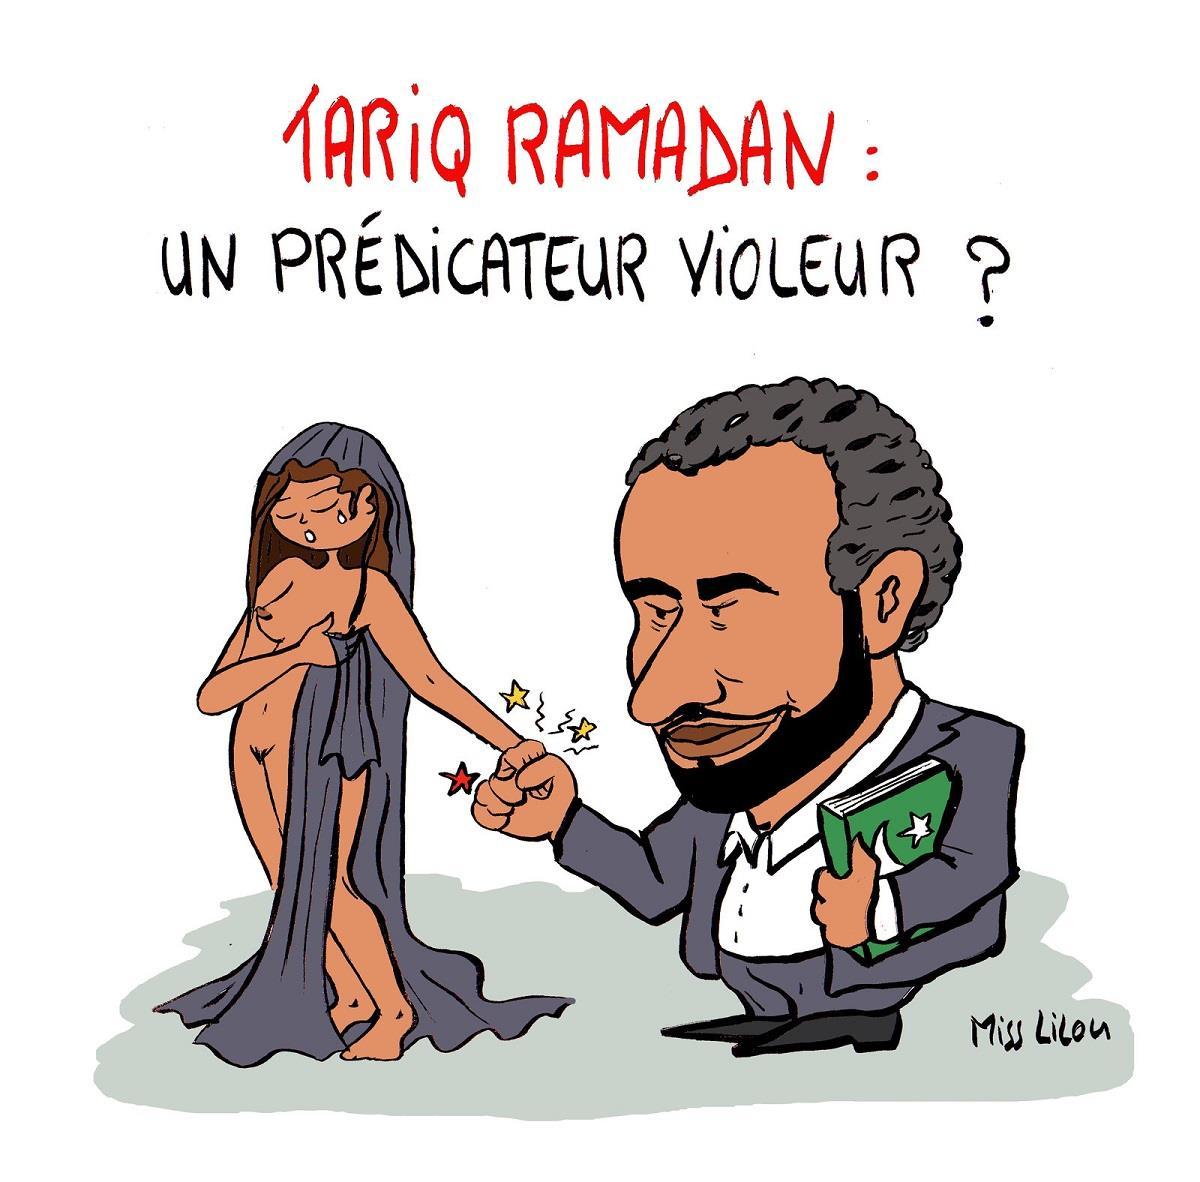 dessin humoristique de Tariq Ramadan tenant fermement la main d'une femme